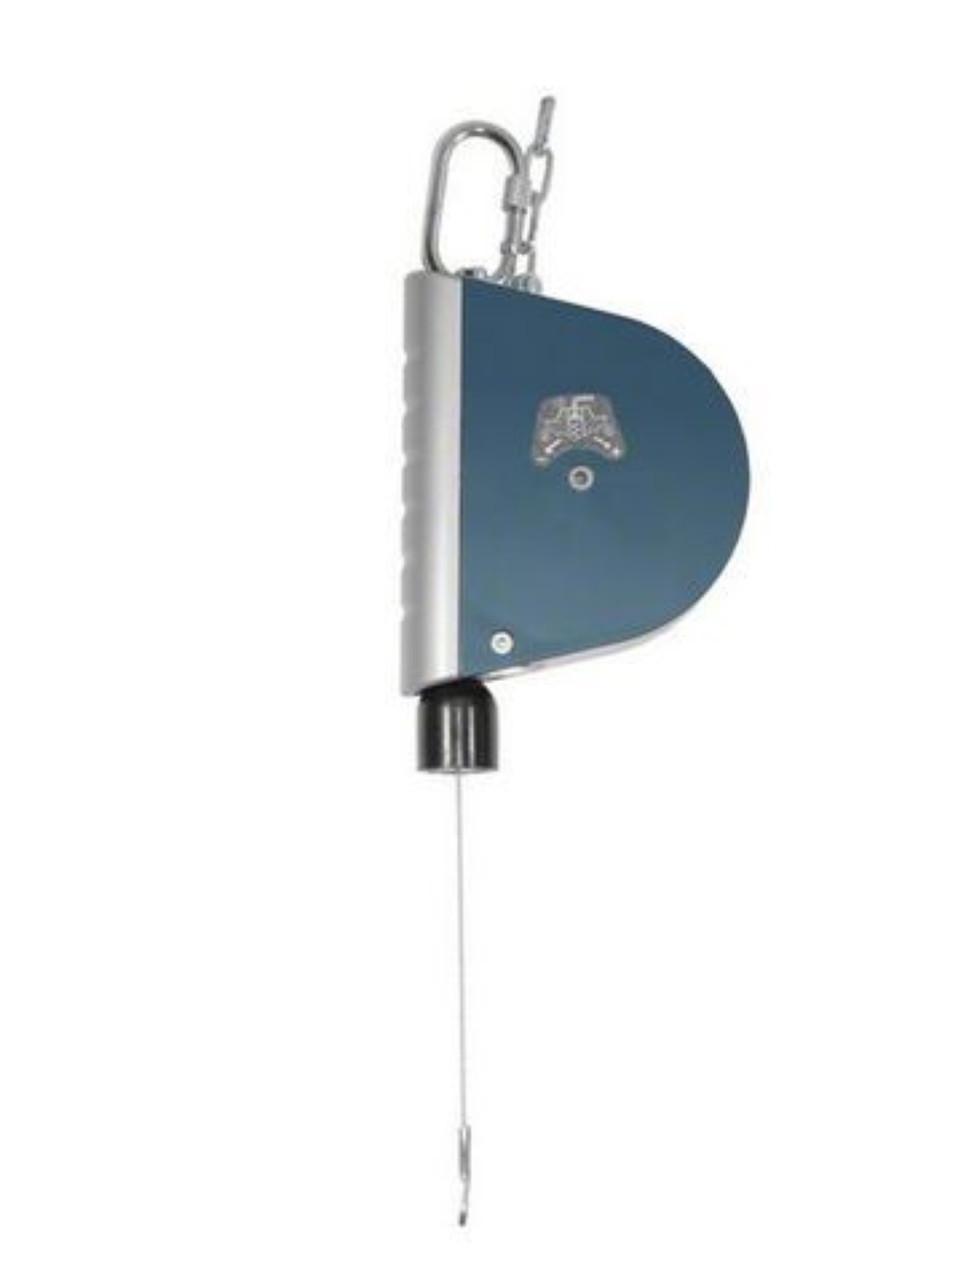 Пневматический балансир с тросом Bosch 0,3-1,5кг 1,6м - НОВА МЕТА инструменты, садовая техника, лаки краски в Харькове